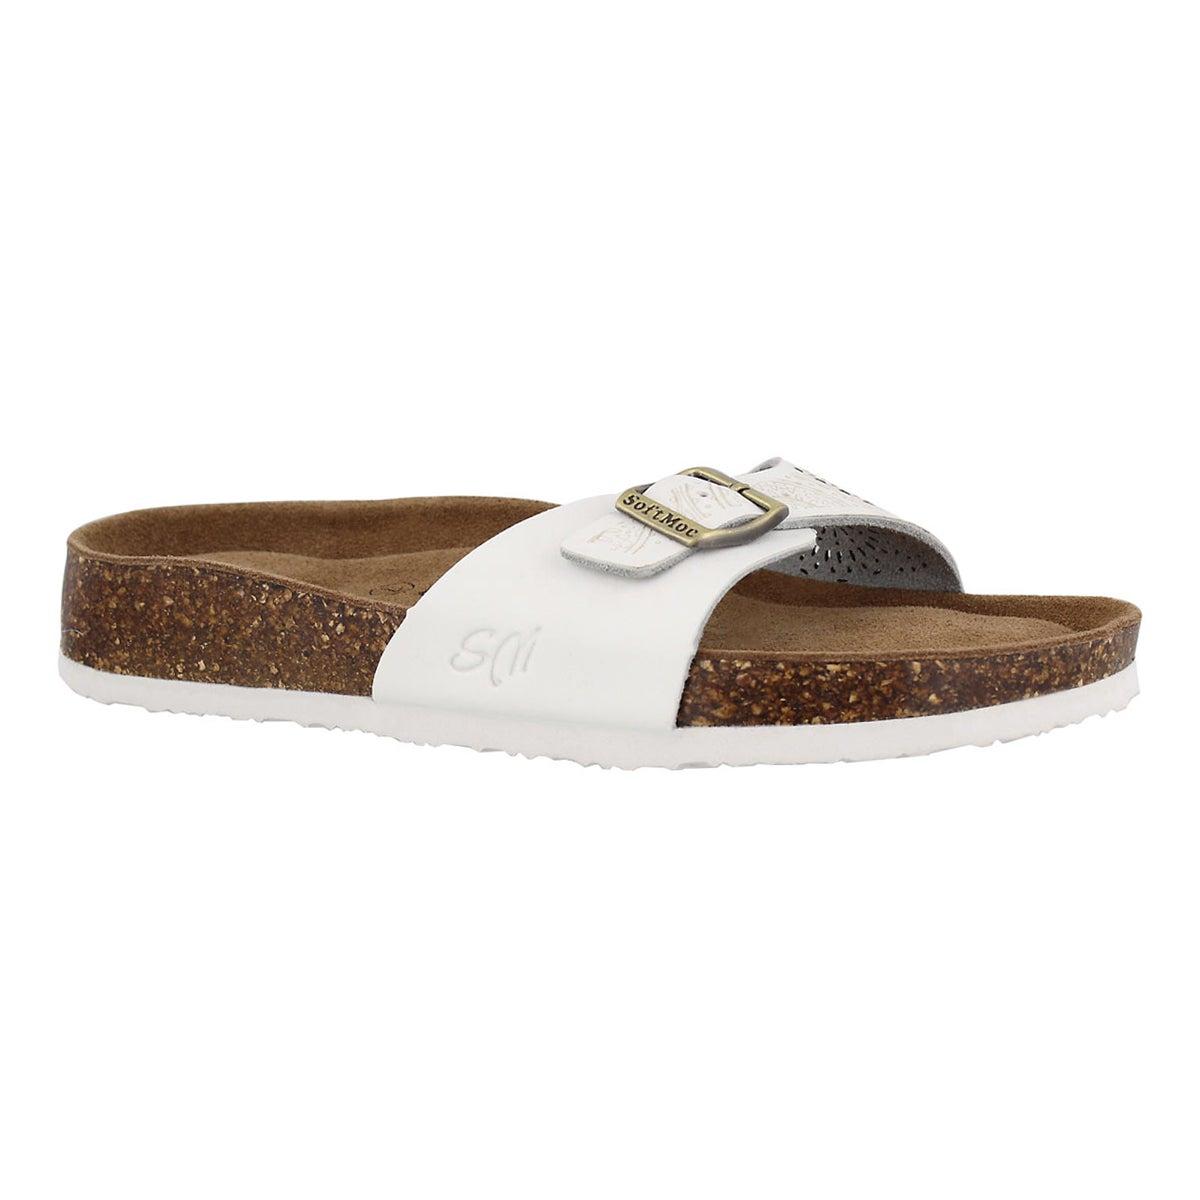 Women's AMIE 5 whit perf memory foam slide sandals